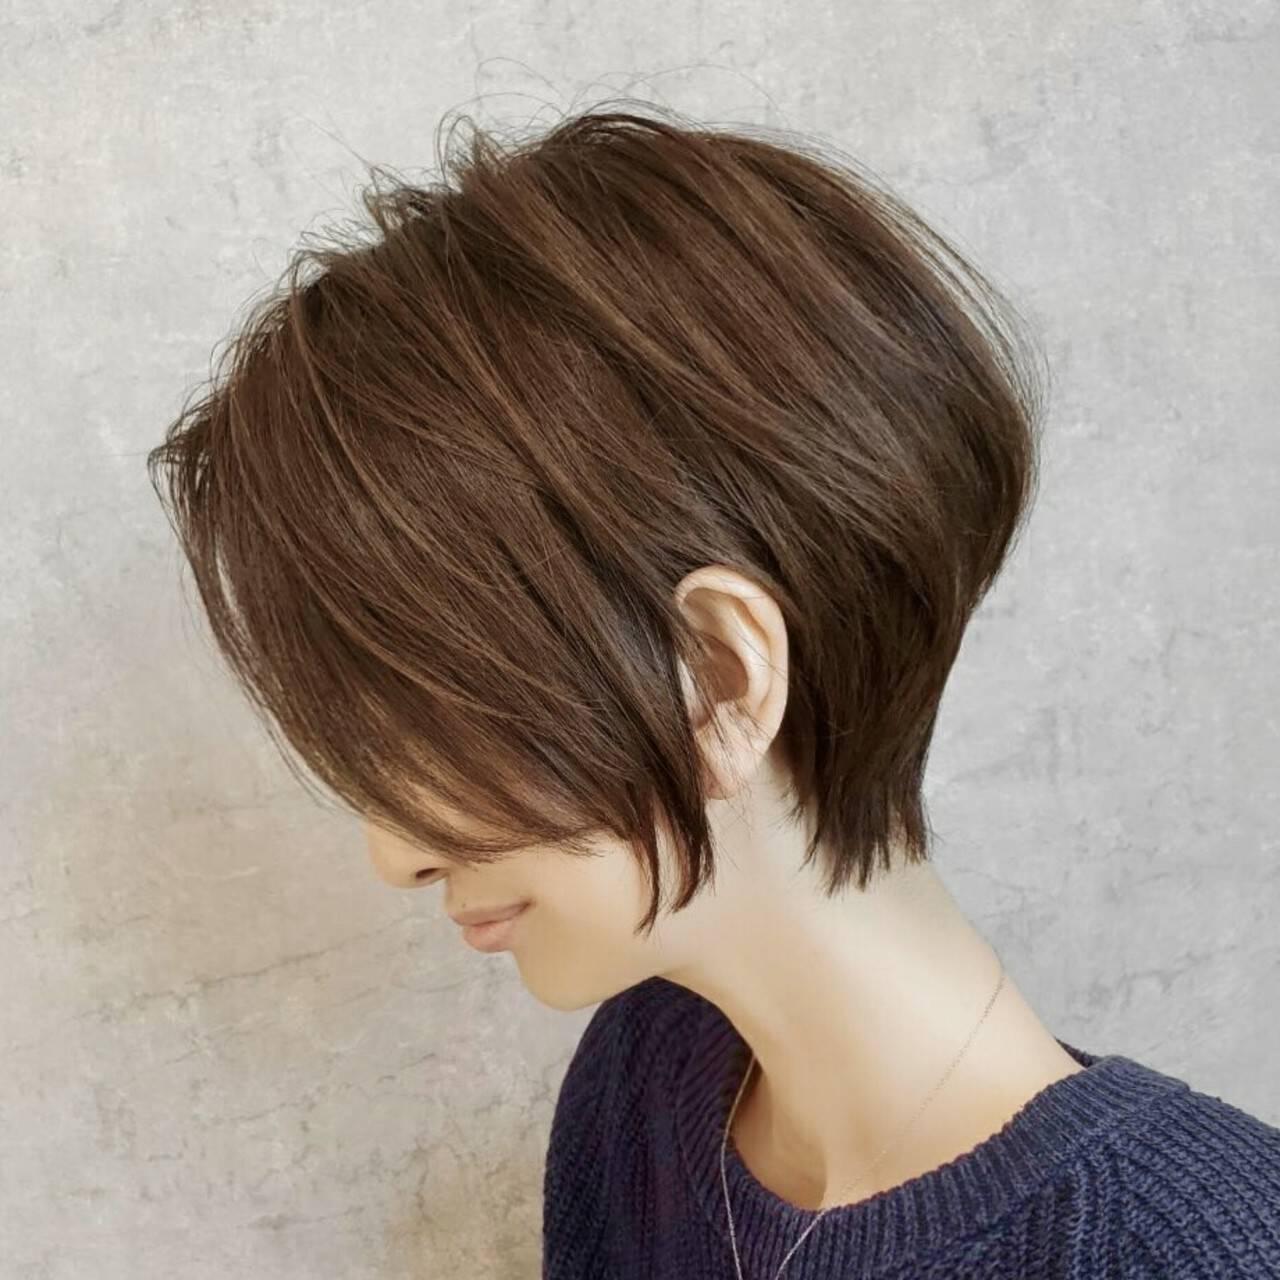 ショート ナチュラル ショートボブ インナーカラーヘアスタイルや髪型の写真・画像